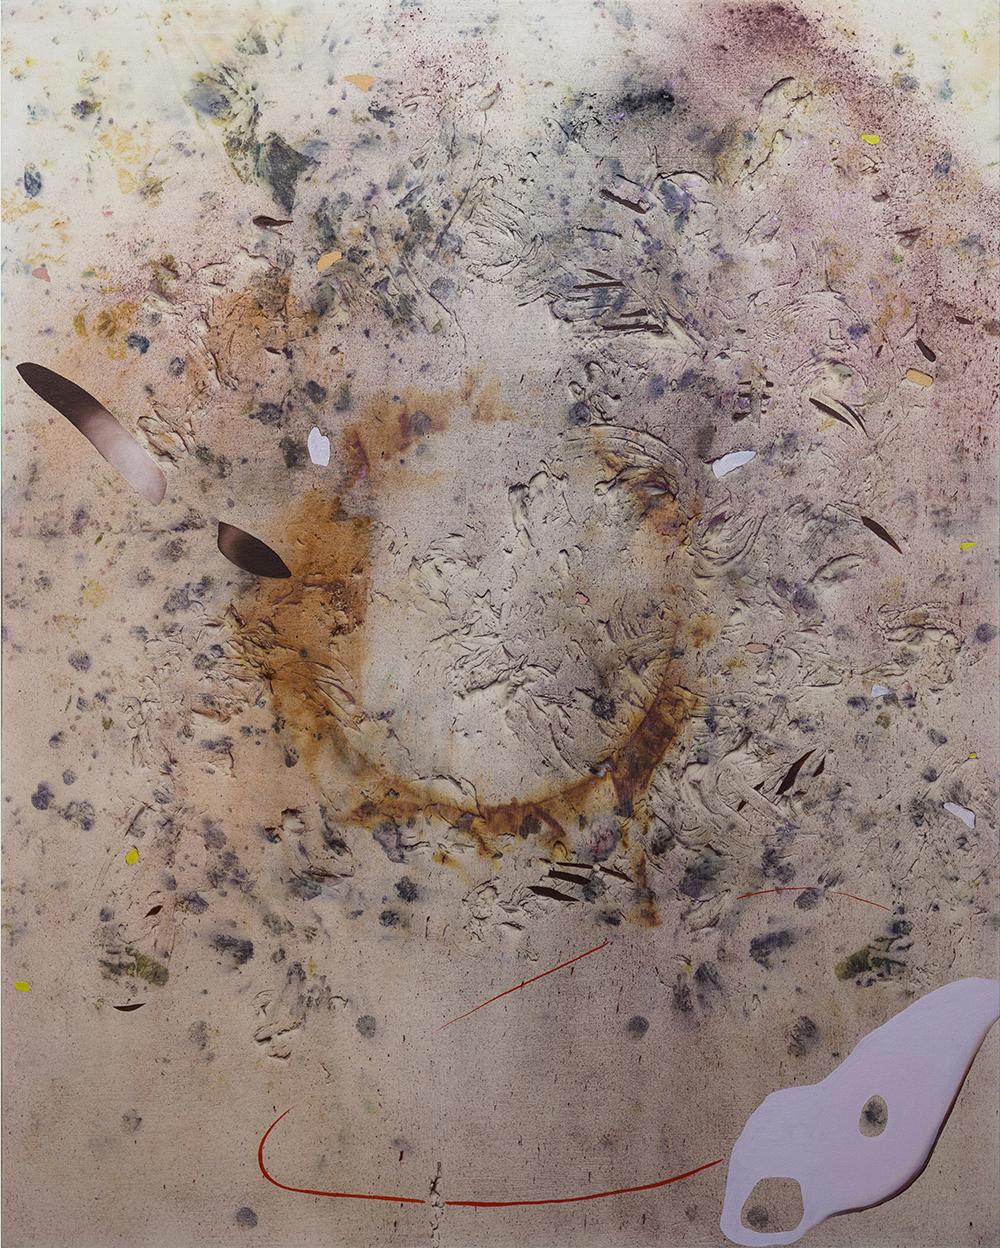 """Gillian King,  Low Tide Cormorants , 2018, médium à cire froide, huile, pigments bruts, sédiments de rouille et divers matériaux végétaux (cèdre, fougère, roses trémière, peau d'oignon, plantain, cornouiller géant, rose, sumac et fleurs sauvages) sur toile, 60"""" x 48"""" (152 x122 cm)"""